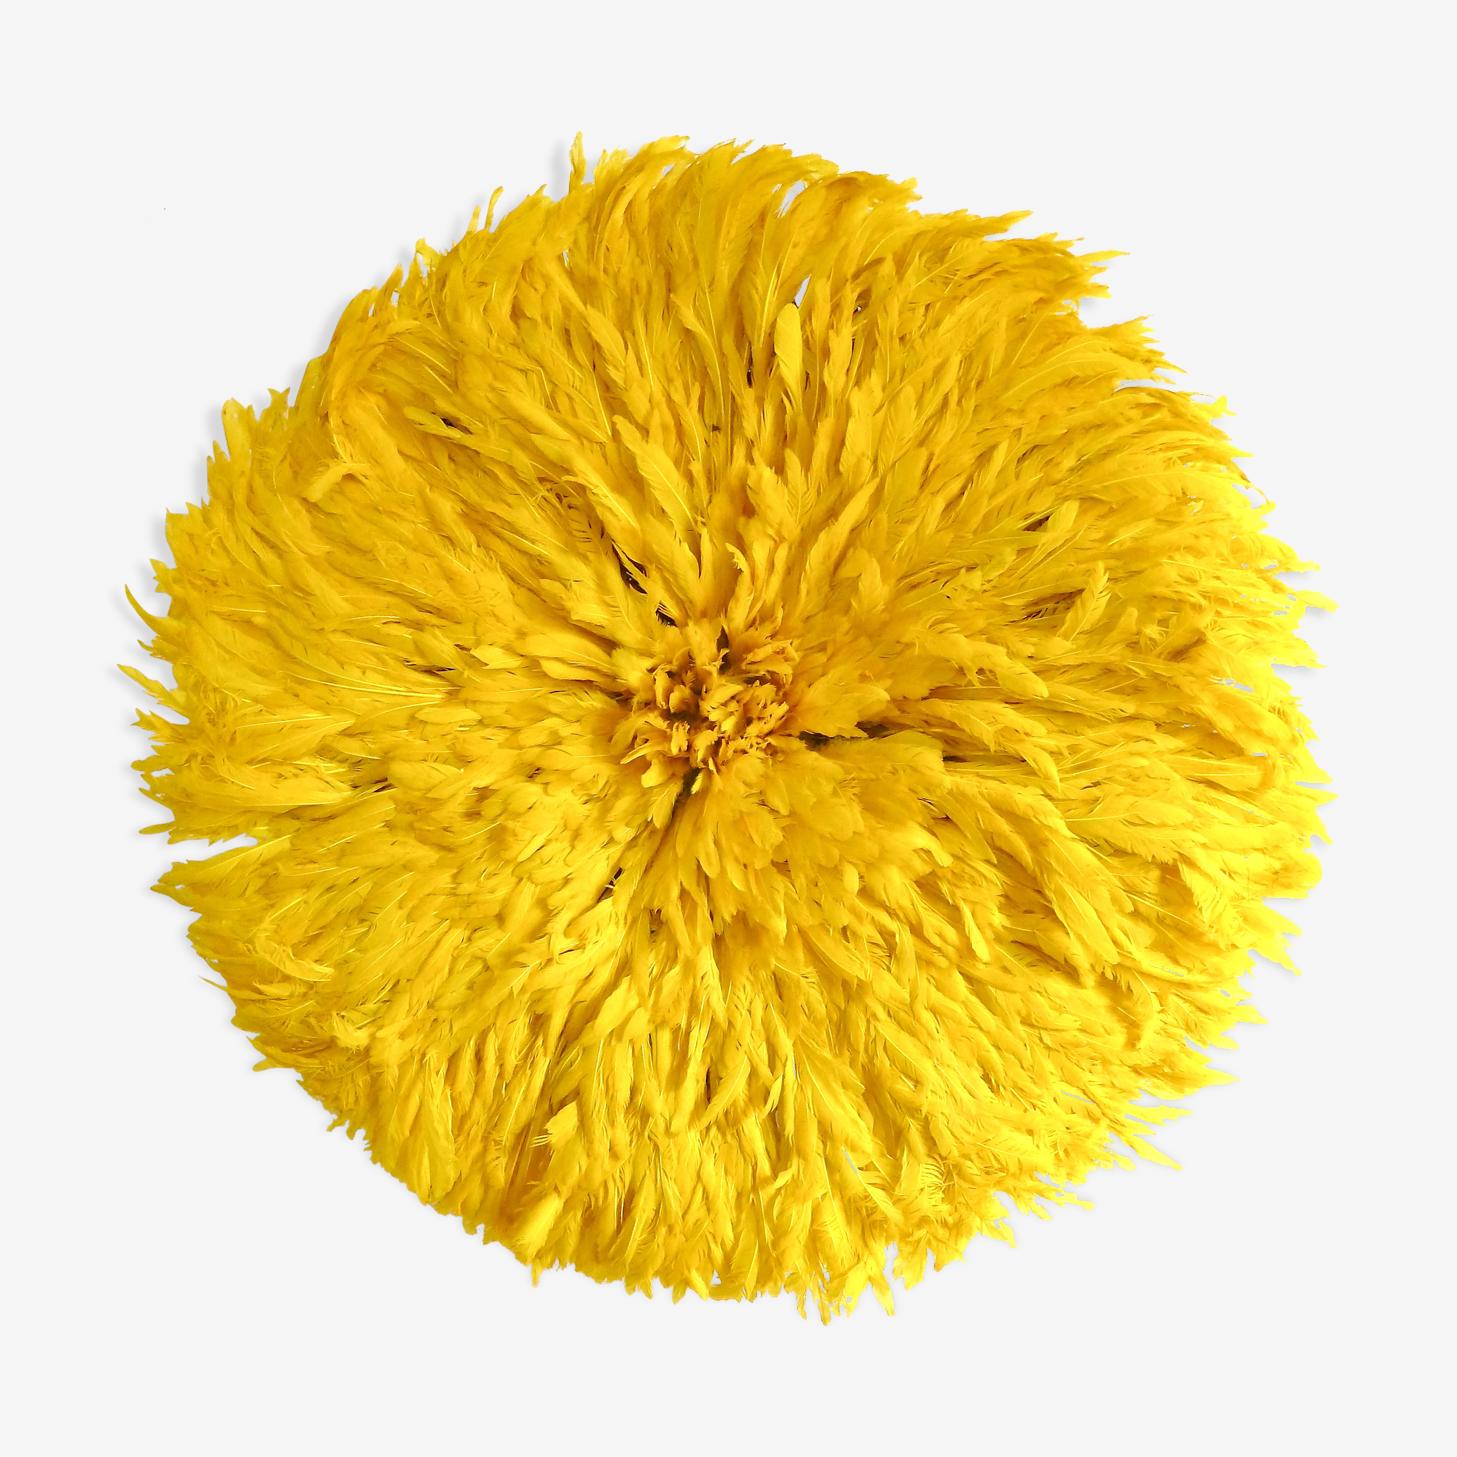 Juju hat coiffe traditionnelle en plumes et raphia  bamiléké  cameroun 71 cm diamètre